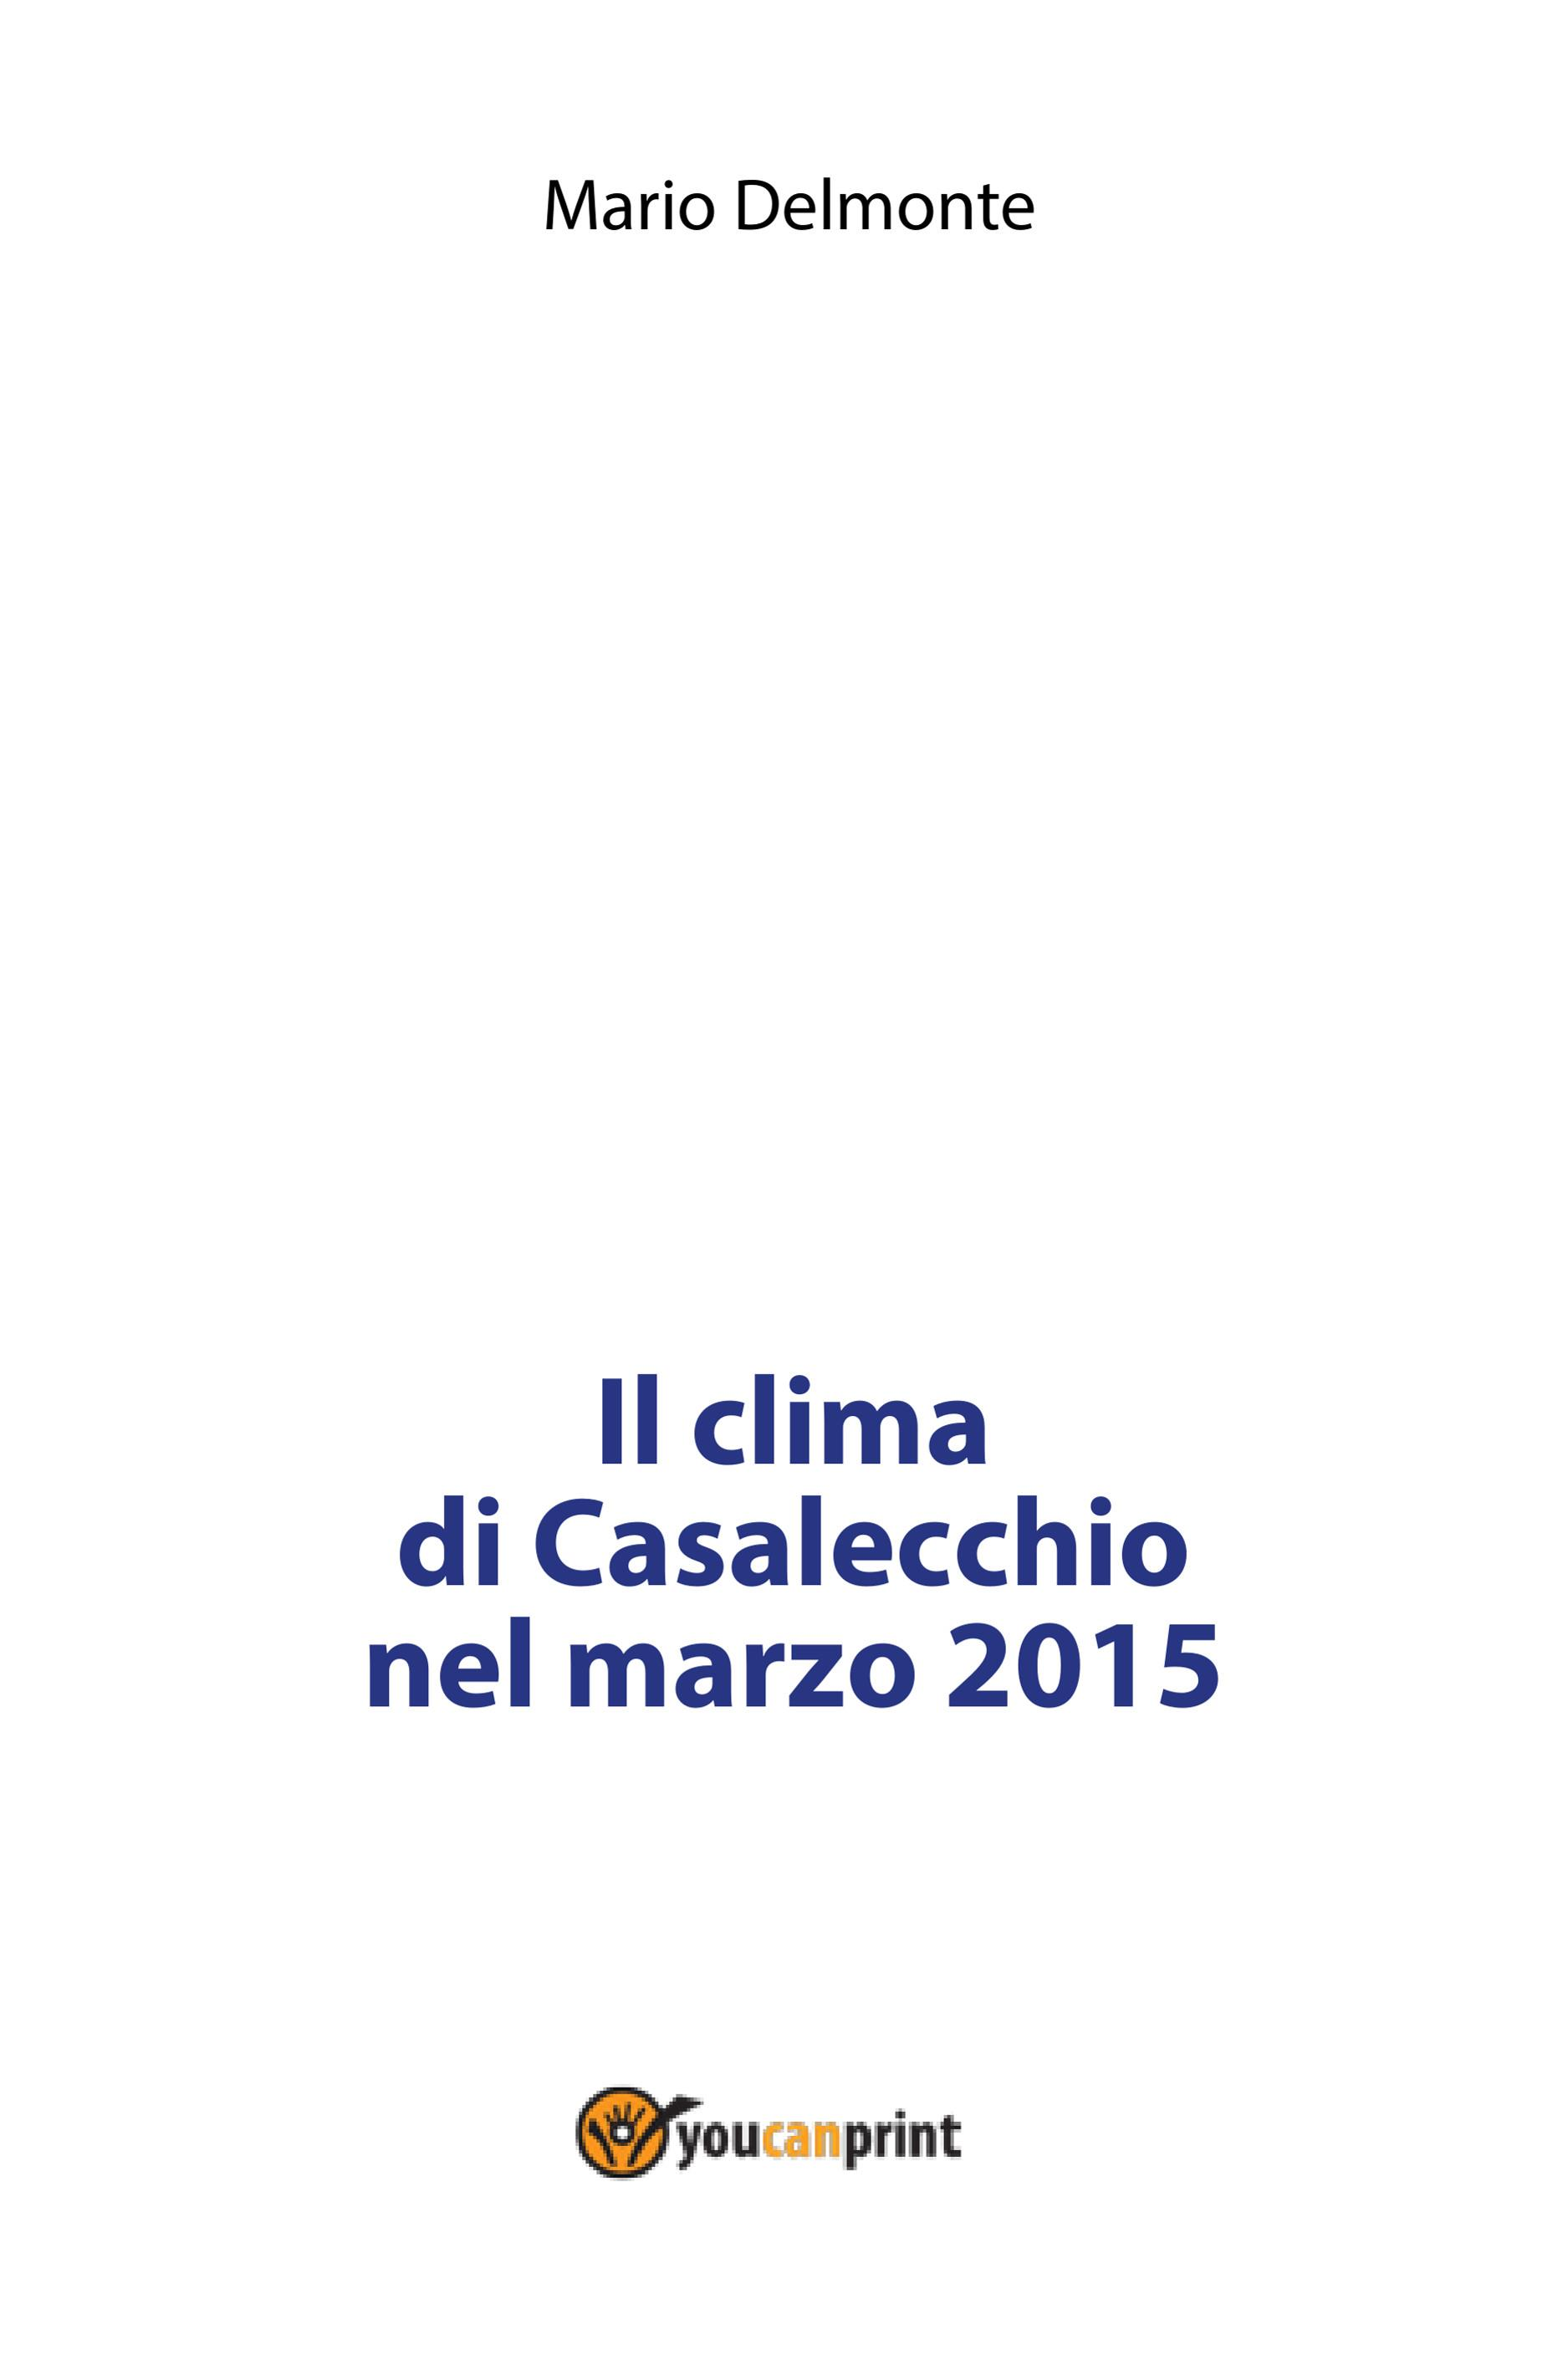 Il clima di Casalecchio nel marzo 2015